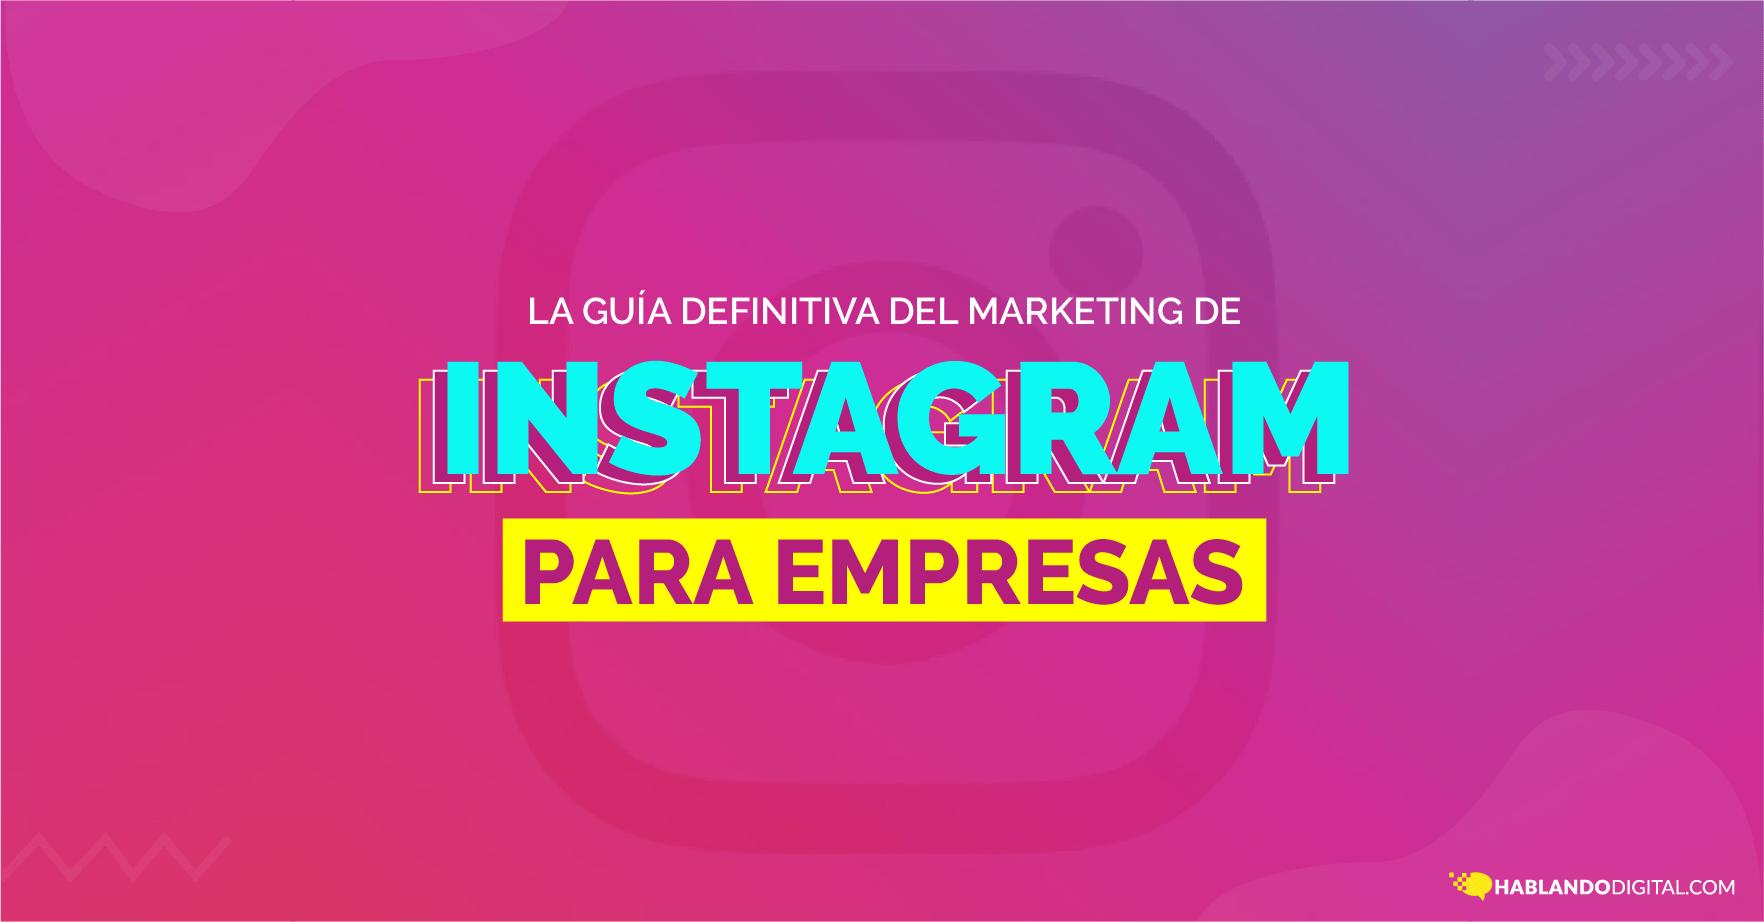 La guía definitiva del Marketing en Instagram para Empresas